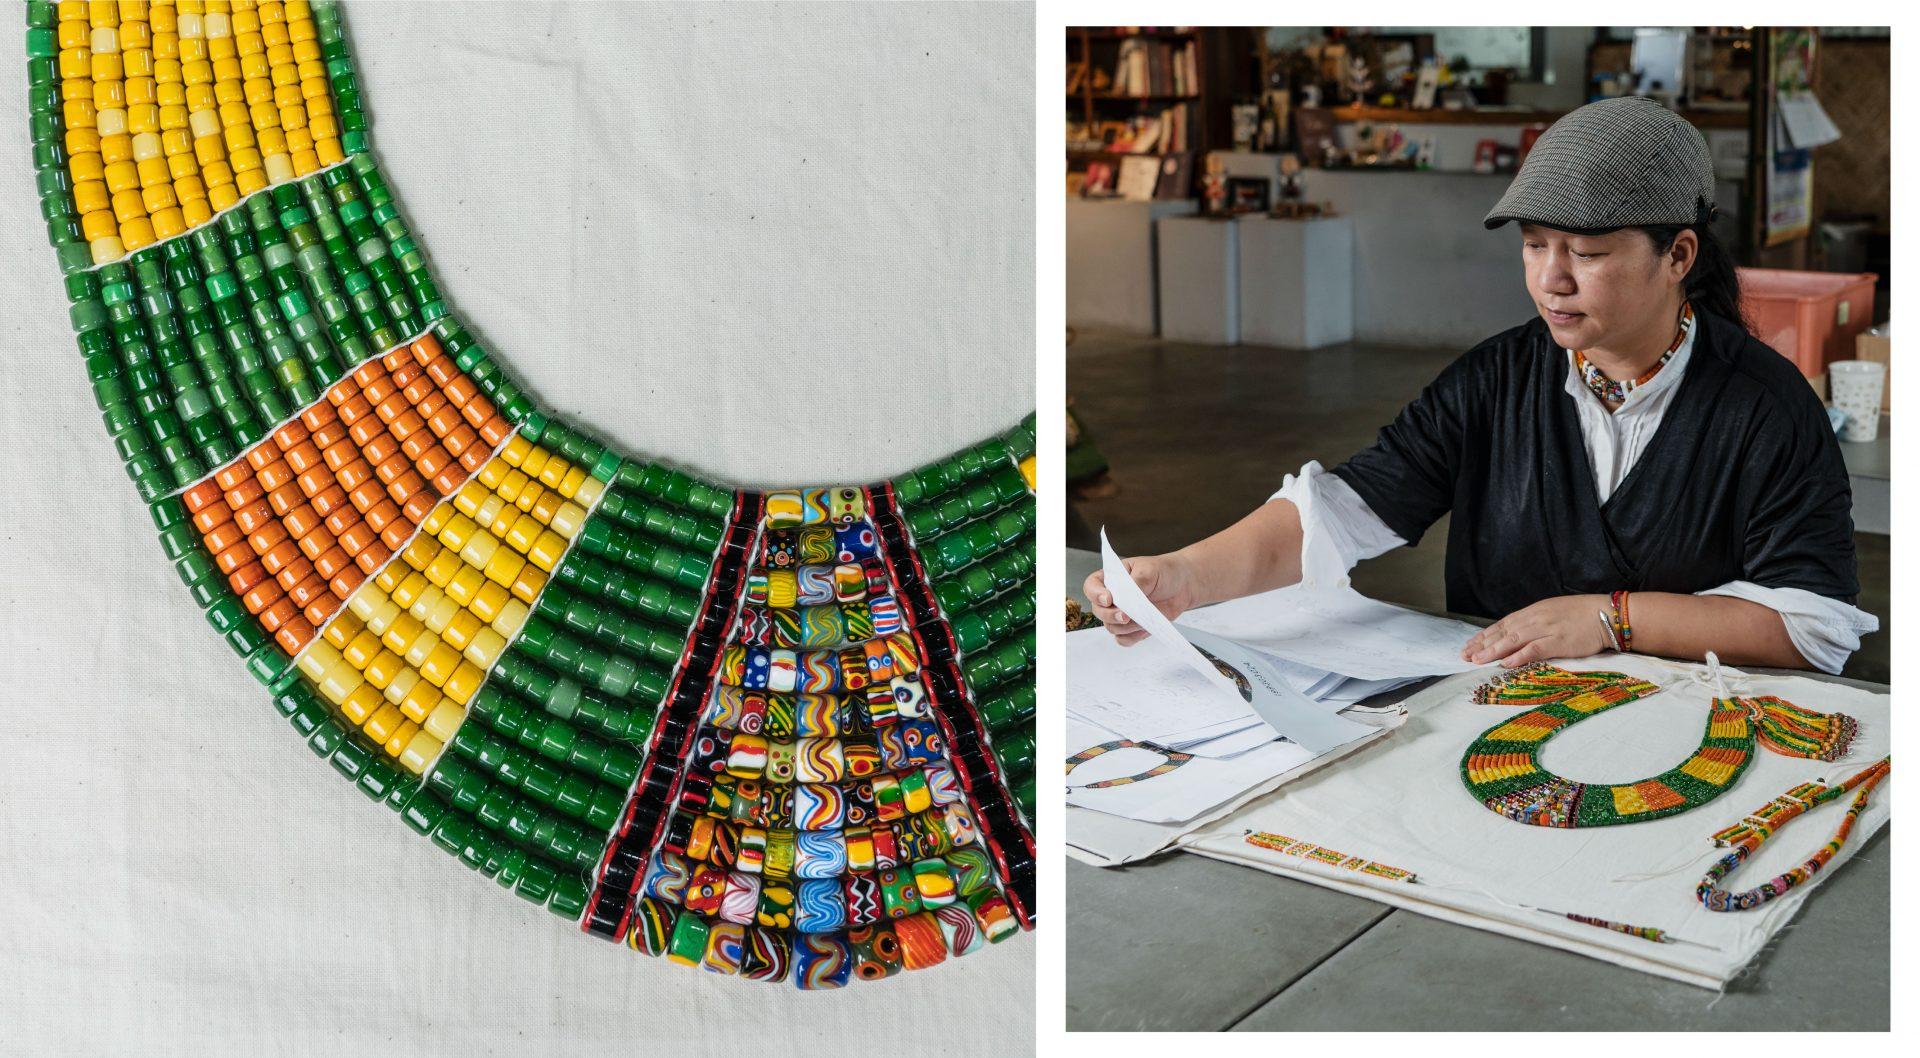 搭建一座橋樑 用部落工藝文化 串連傳統與創新 對接歷史與未來: 卡塔文化 / 這裡R~ 原味工藝聚落 林秀慧